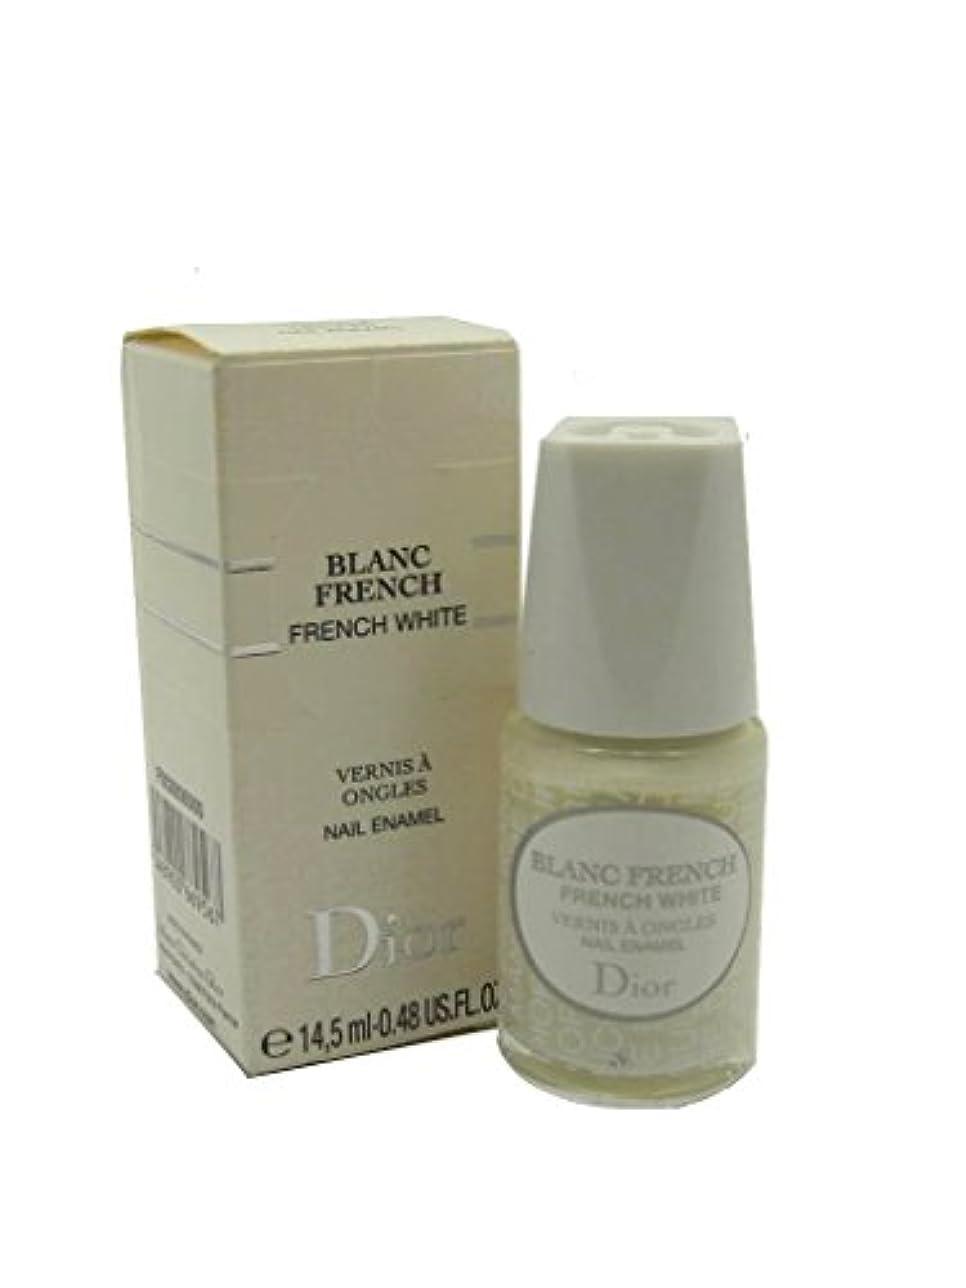 ピグマリオン過ちアンカーDior Blanc French French White Nail Enamel(ディオール フレンチ ホワイト ネイル エナメル) [並行輸入品]